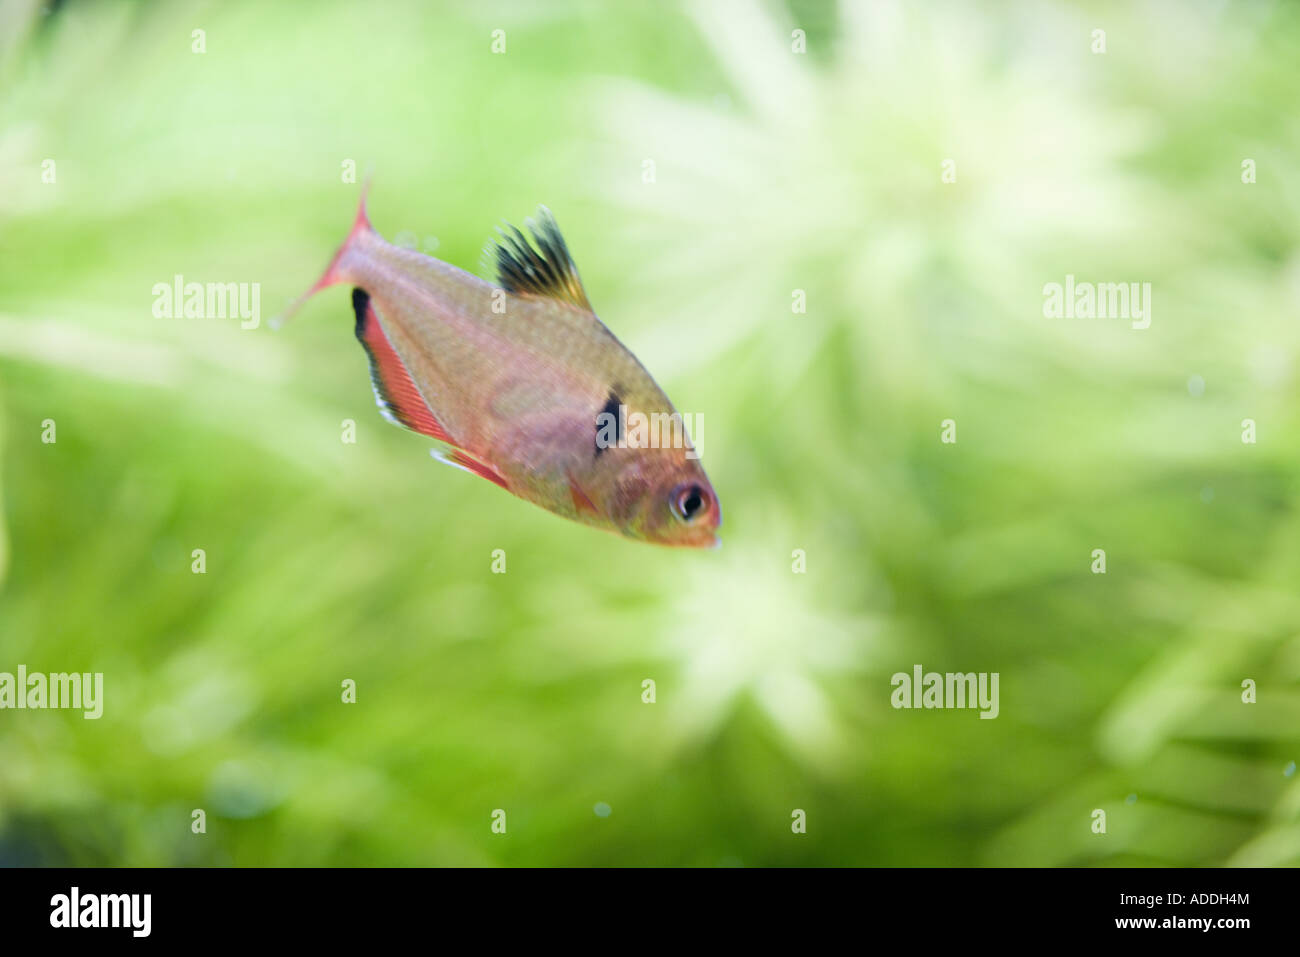 Fish in aquarium - Stock Image